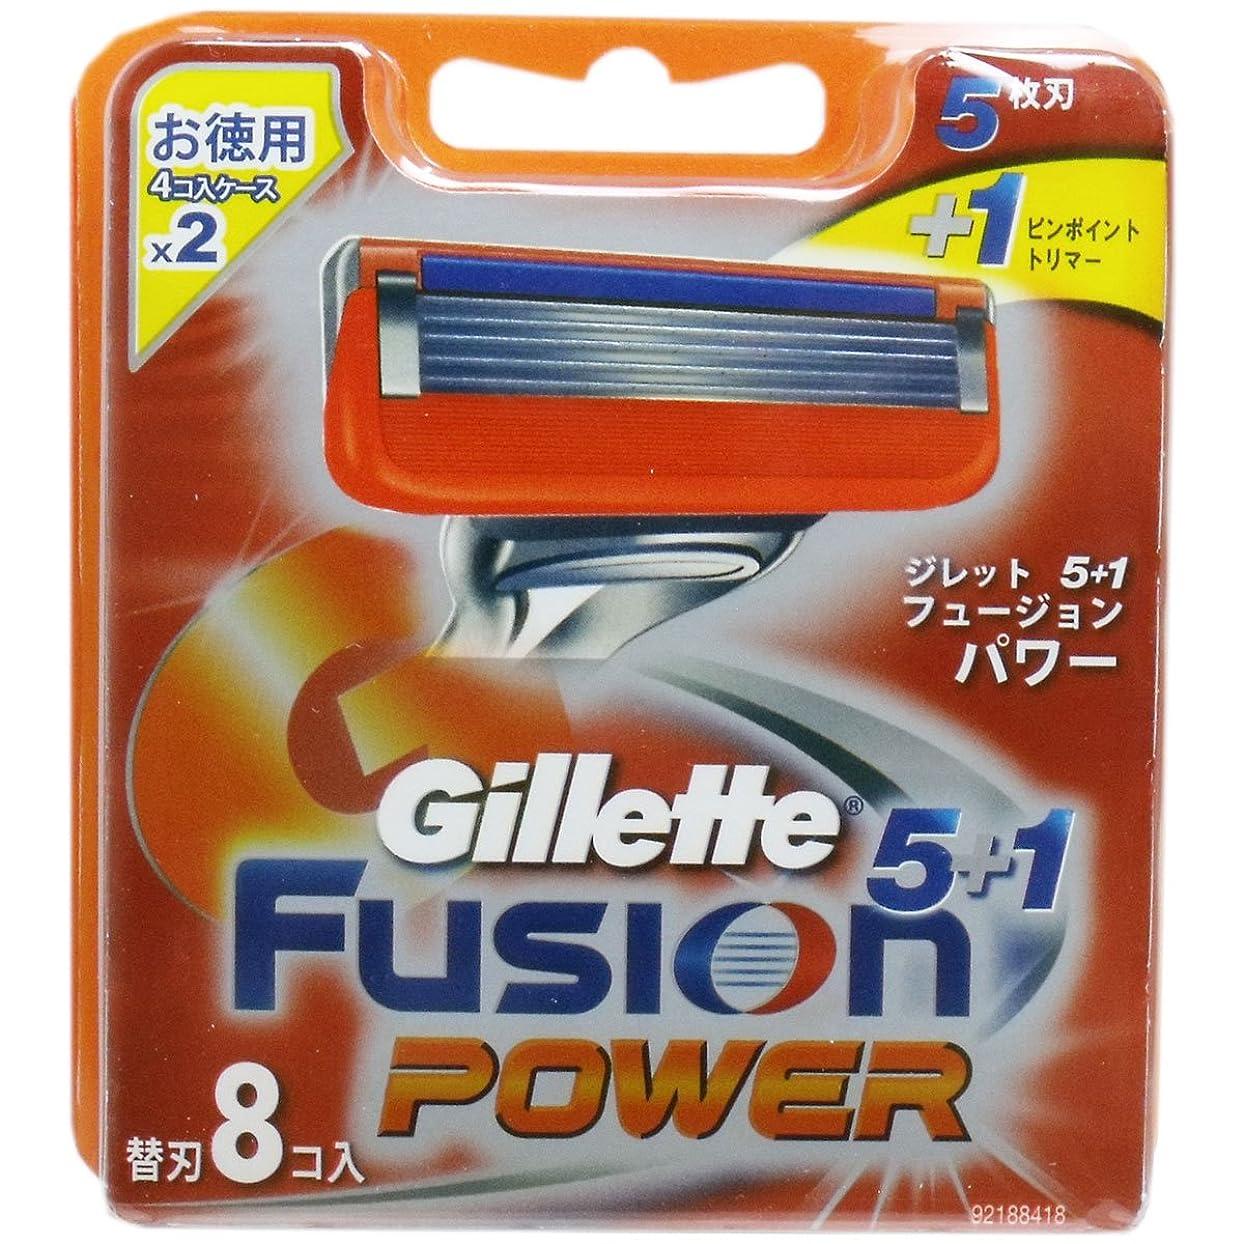 とは異なり電球戦術ジレット フュージョン5+1 パワー 替刃8個入×10個セット